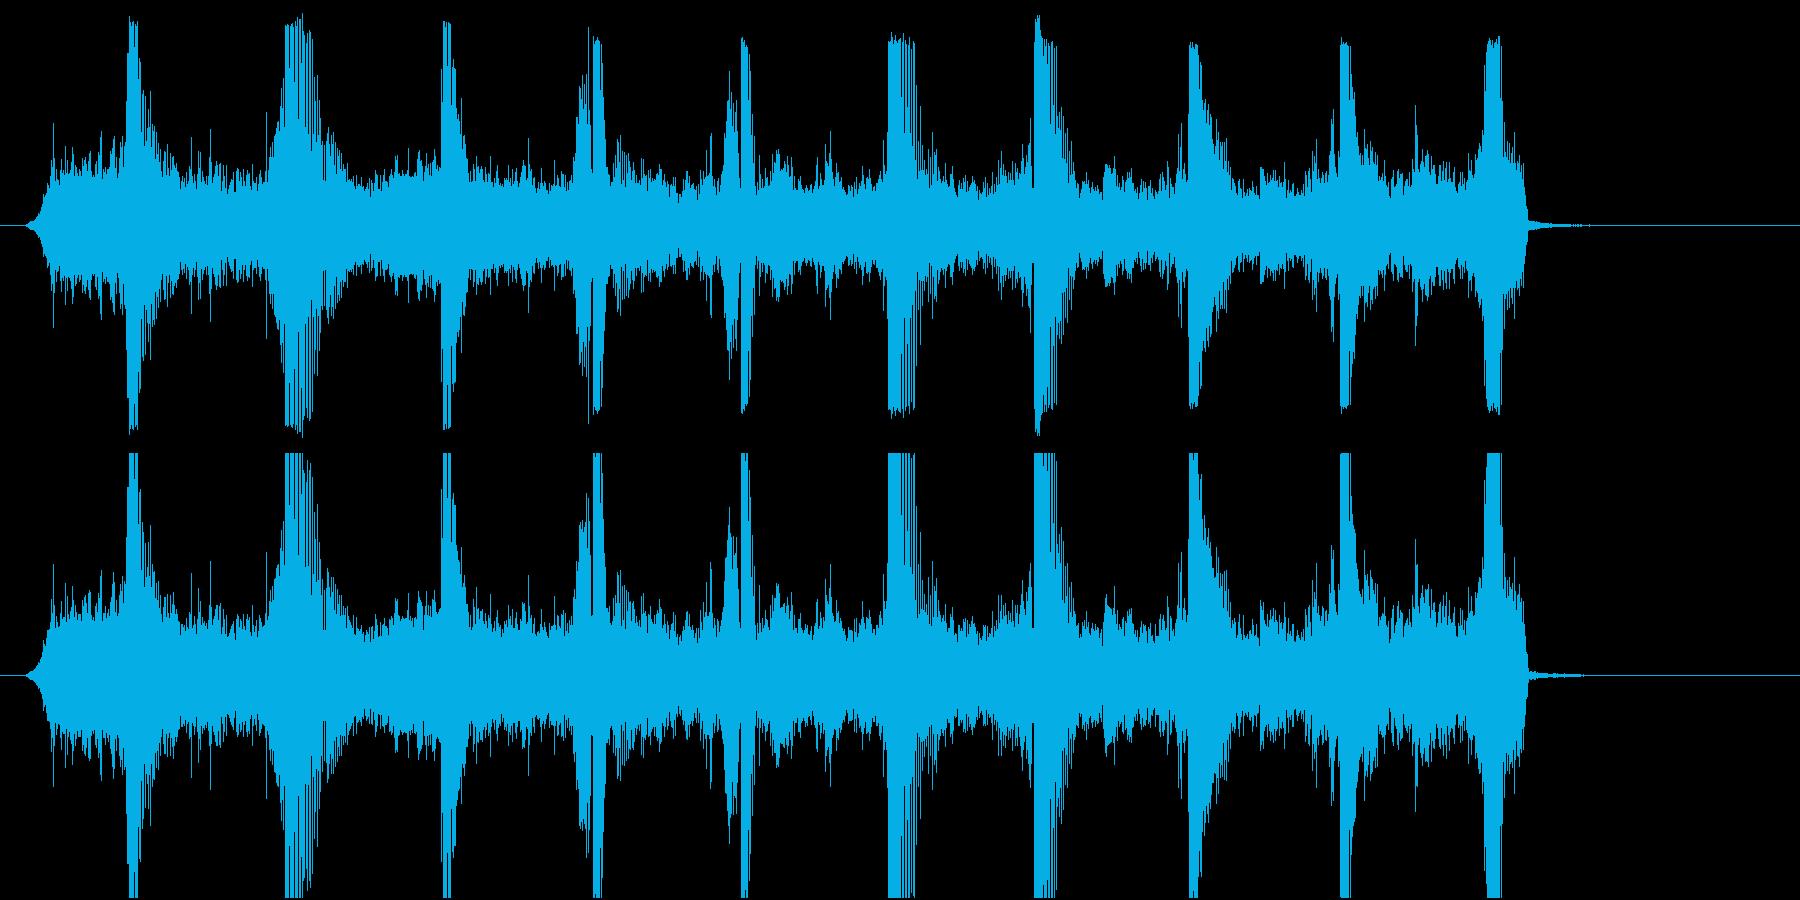 カウントダウン(英語) OP.SE.DJの再生済みの波形